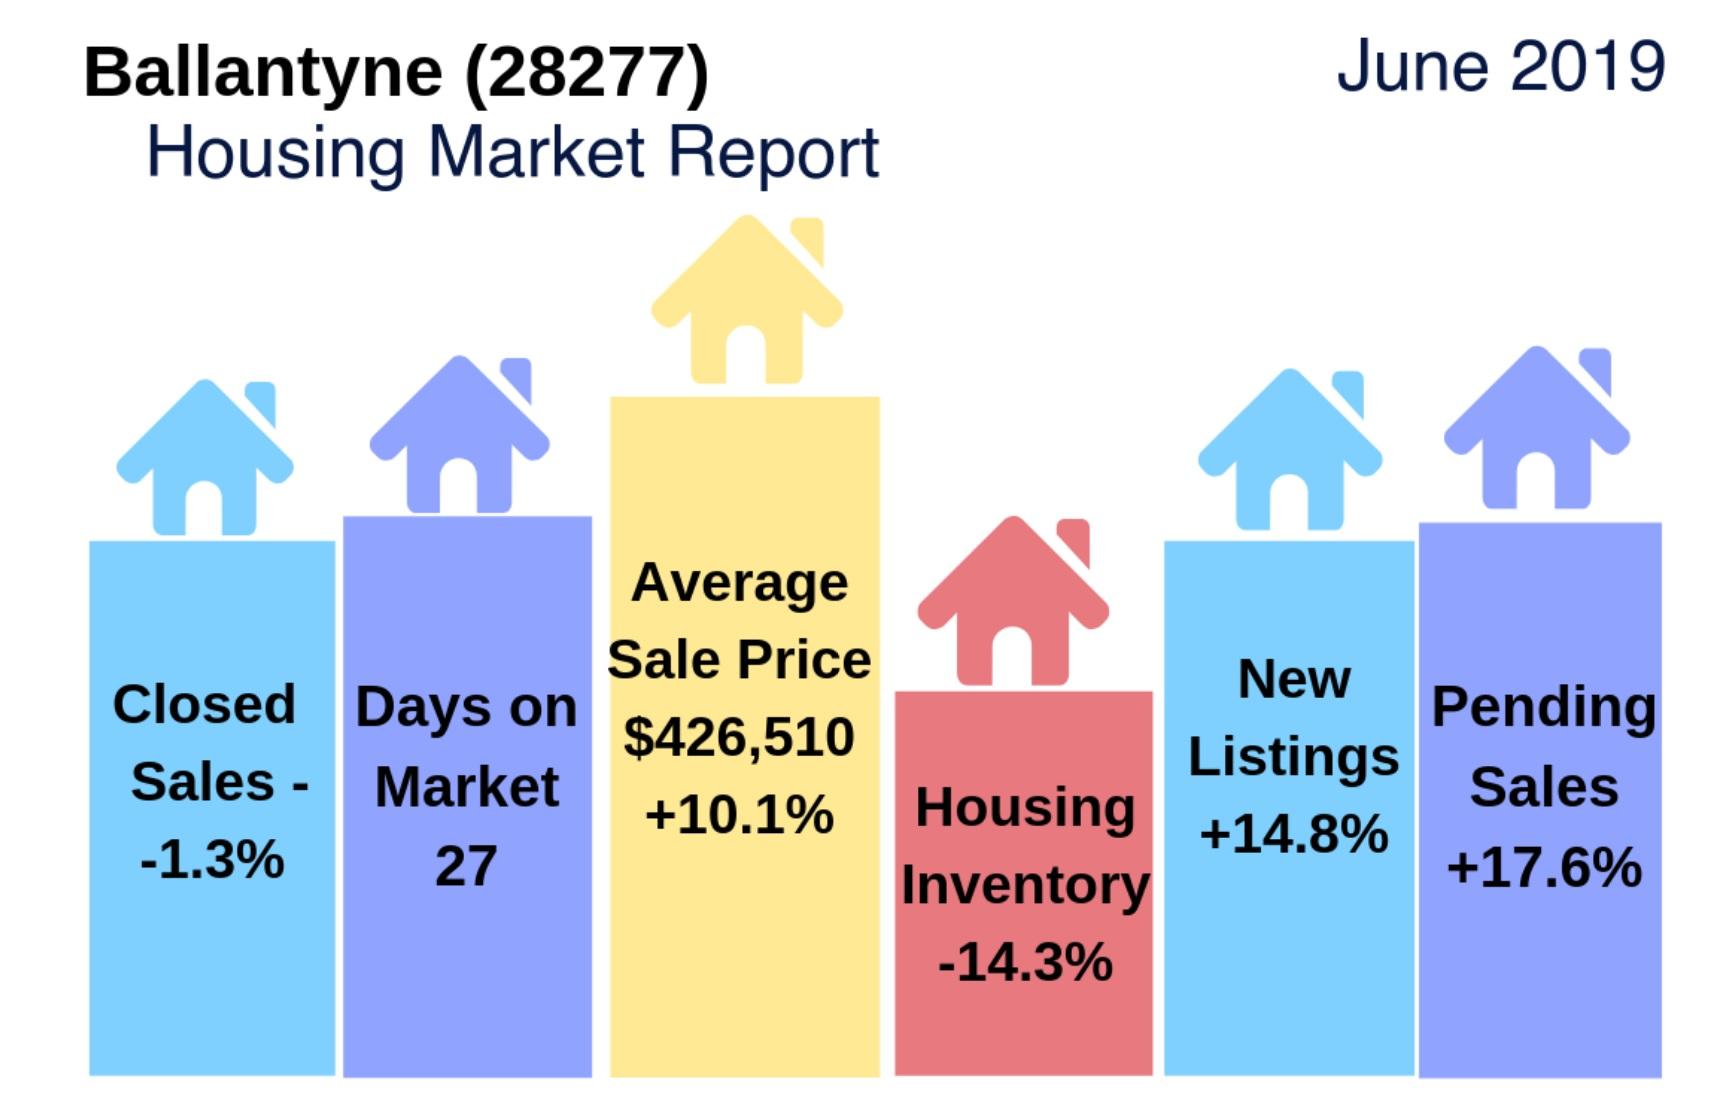 Ballantyne (28277 Zip Code) Housing Market Update & Video: June 2019